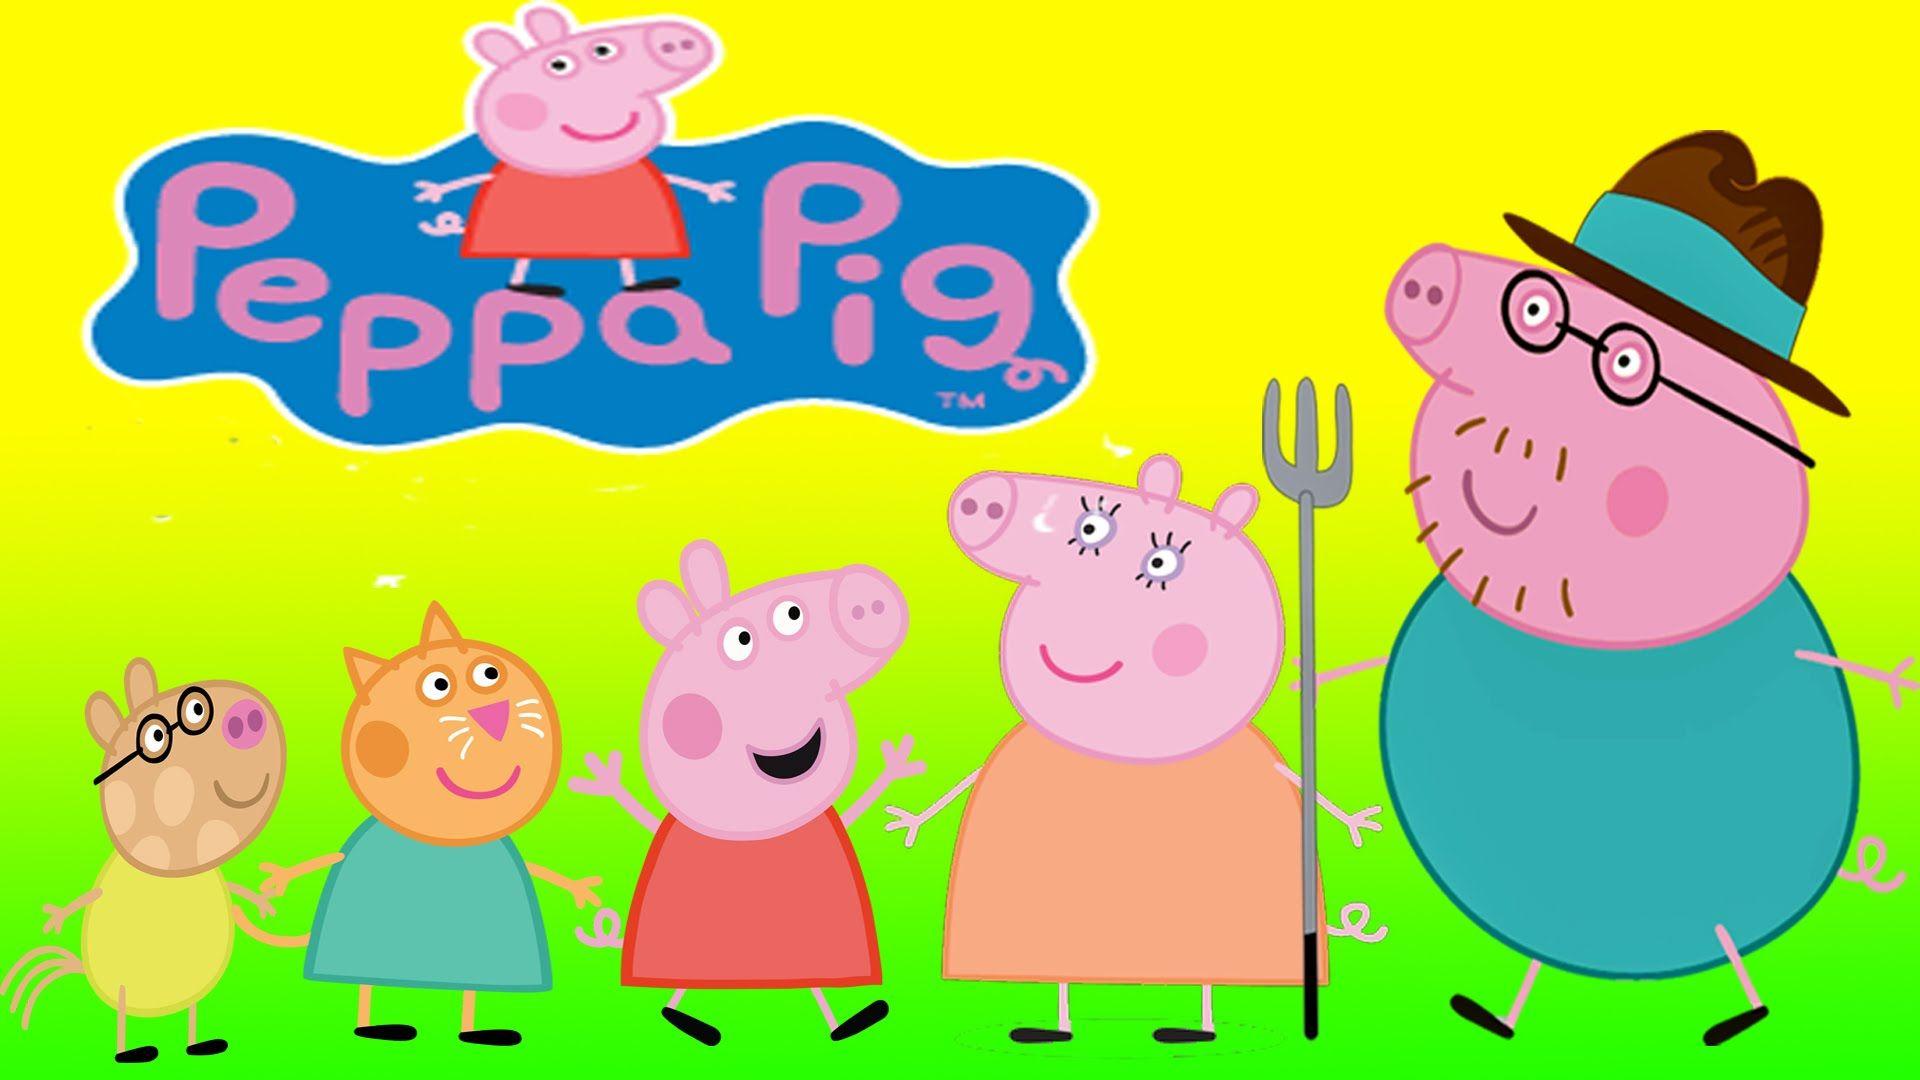 Peppa Pig Em Portugues Brasil   Peppa Pig Finger Family Songs